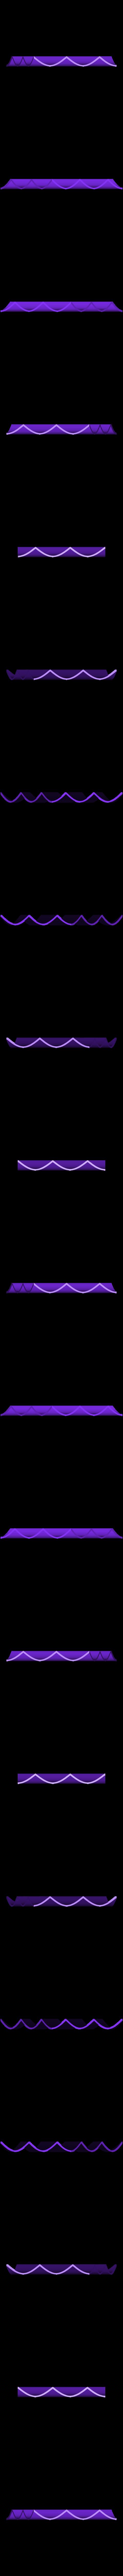 scalloped_wave_desk_tidy.stl Télécharger fichier STL gratuit WAVE bureau rangé collection • Design à imprimer en 3D, tone001